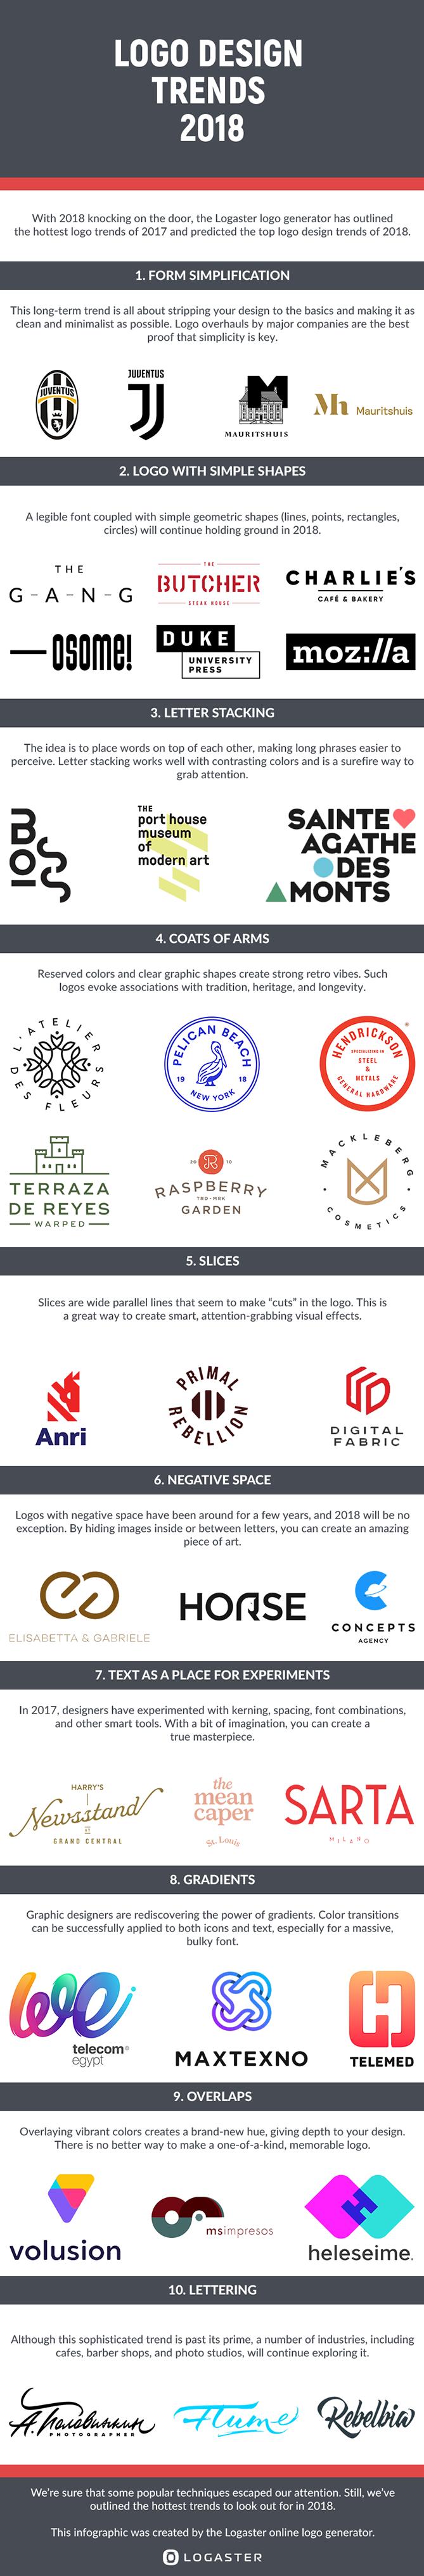 tendencias-logos-2018-ACTUALIZADO.png